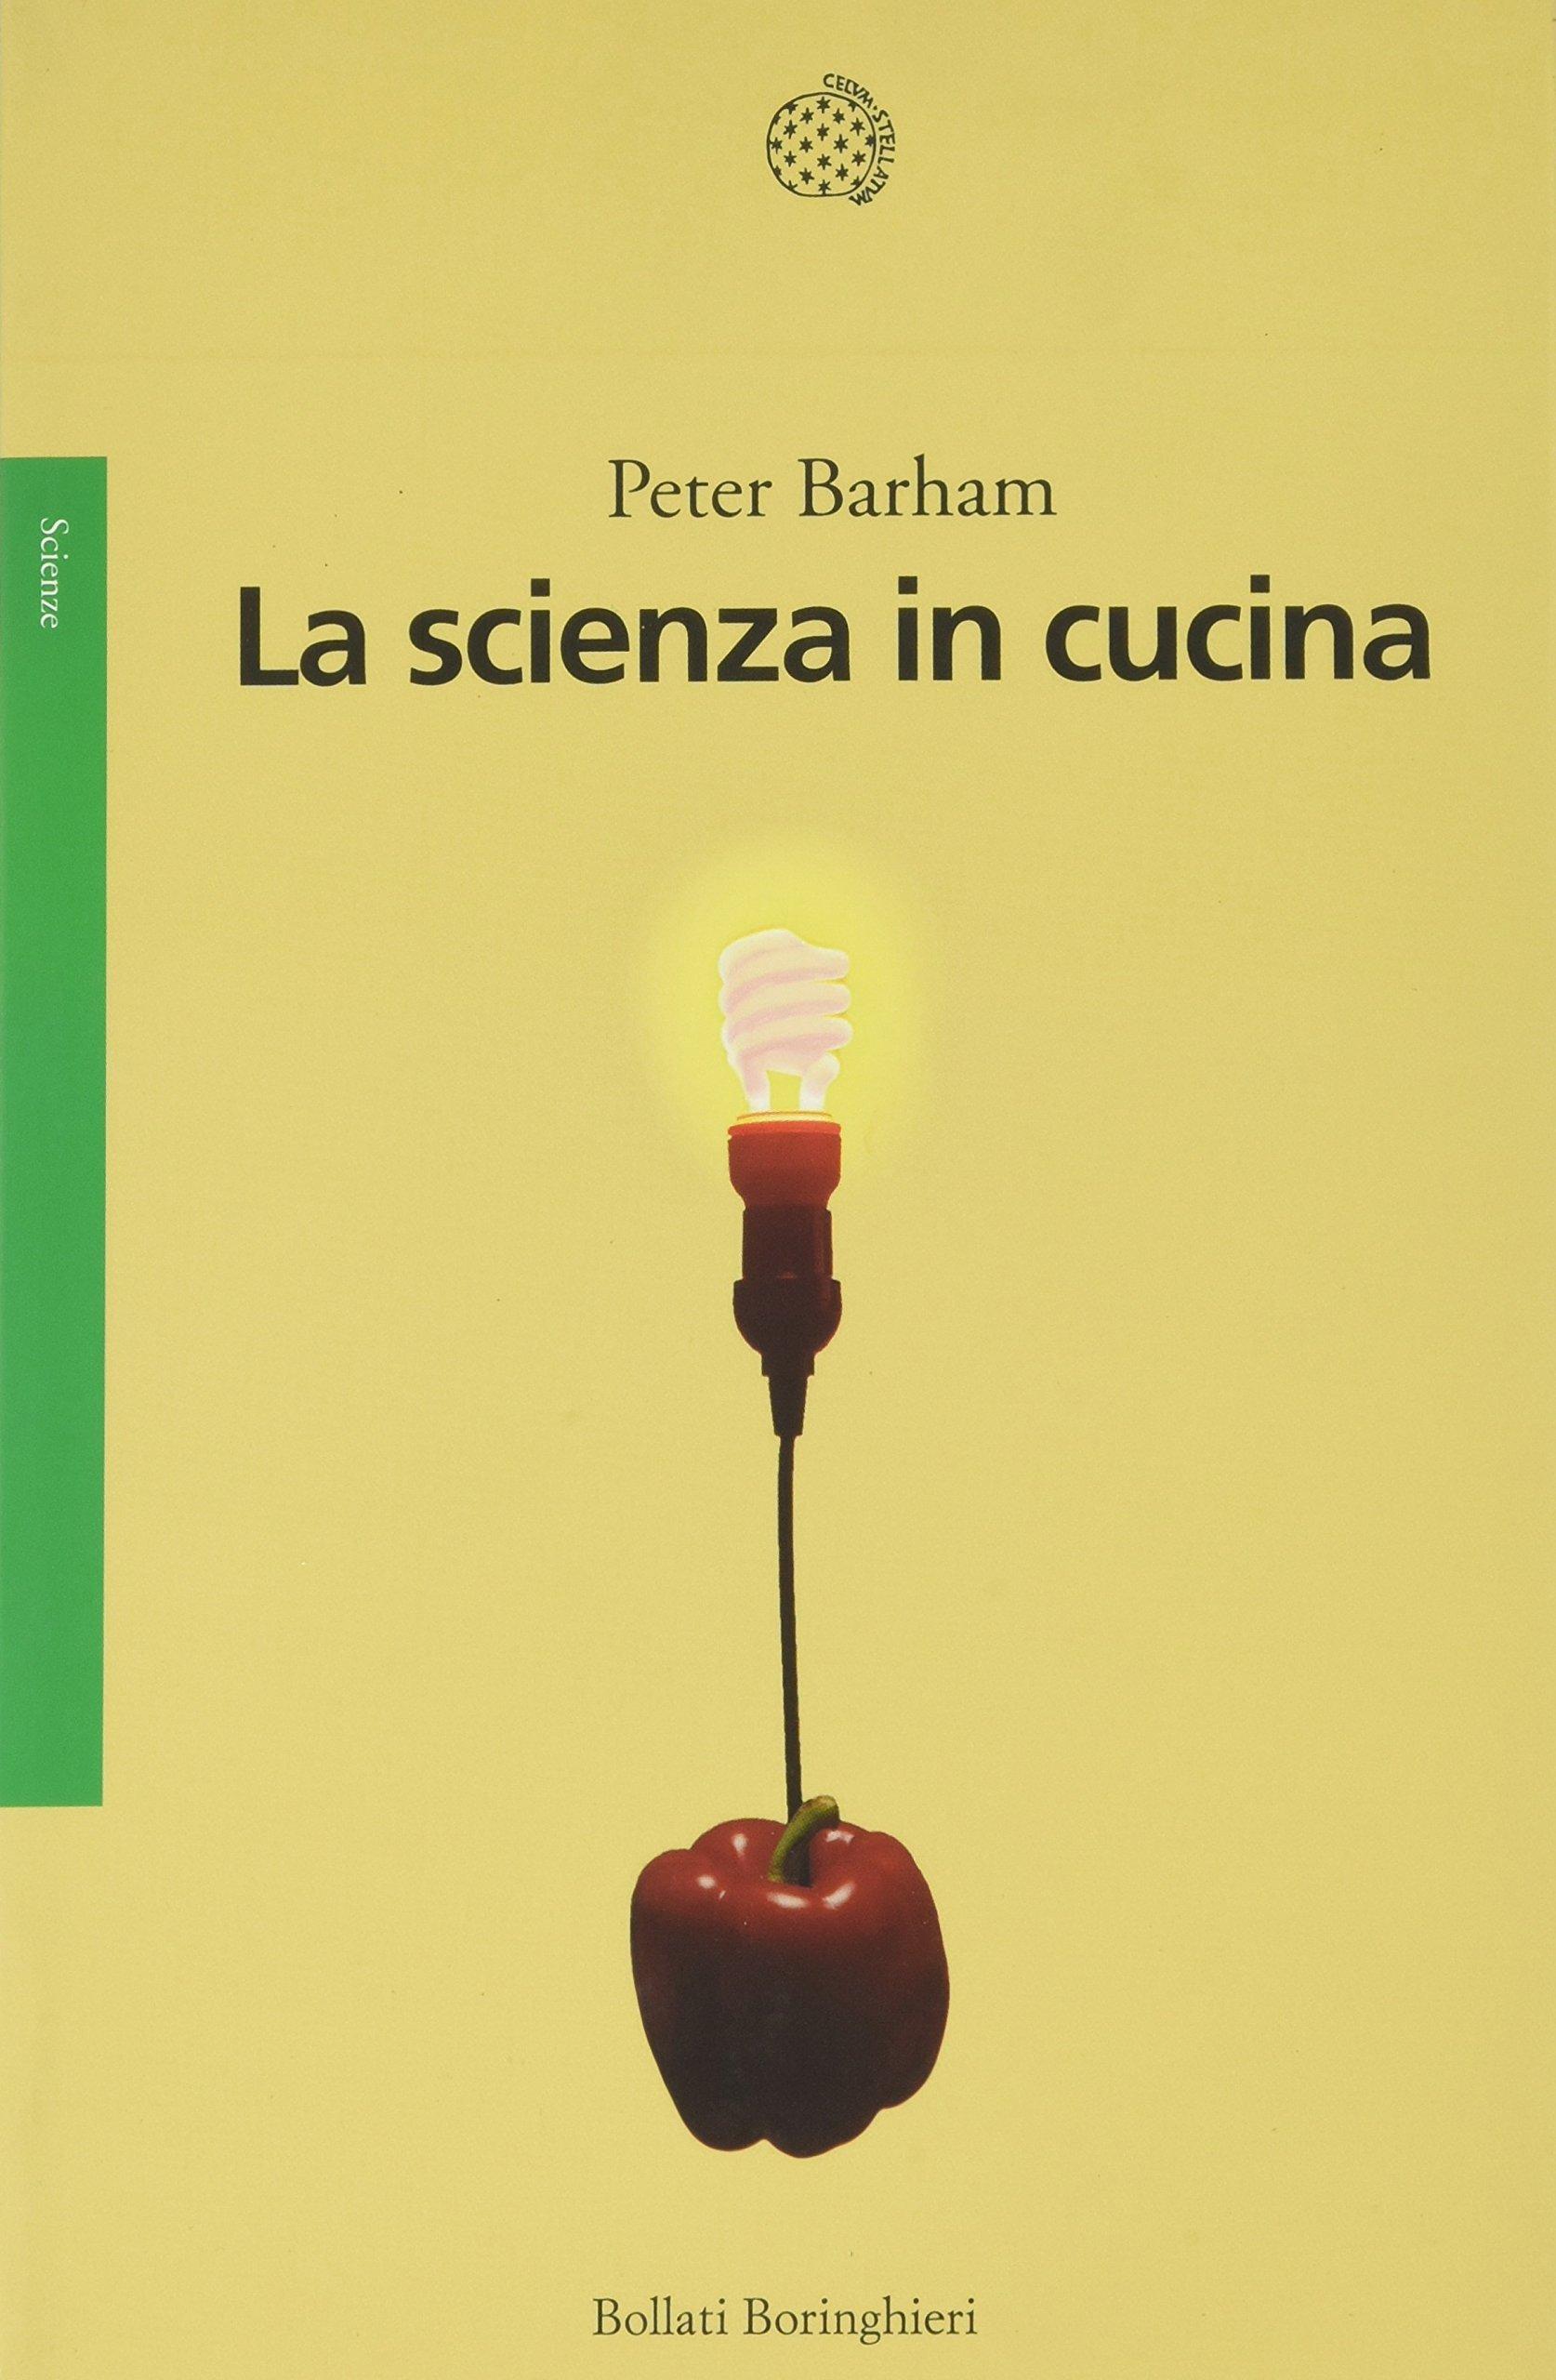 La scienza in cucina: Amazon.de: Peter Barham, E. Bignetti ...